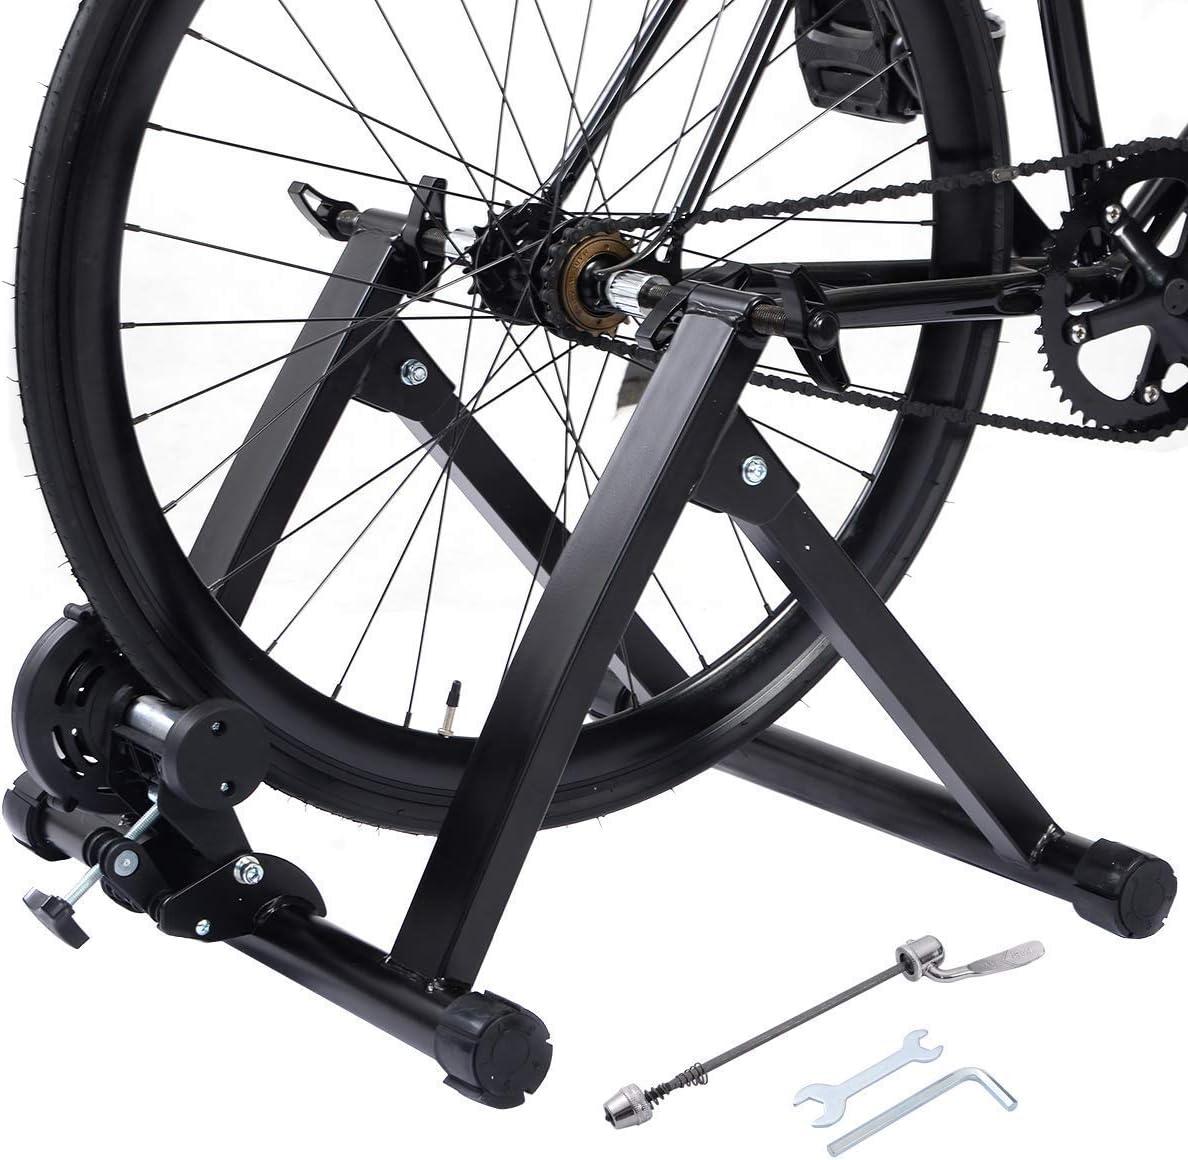 COSTWAY Bicicleta Estática Soporte Rodillo de Ciclismo Entrenamiento Plegable Carga Máxima hasta 150 kg Color Negro: Amazon.es: Deportes y aire libre